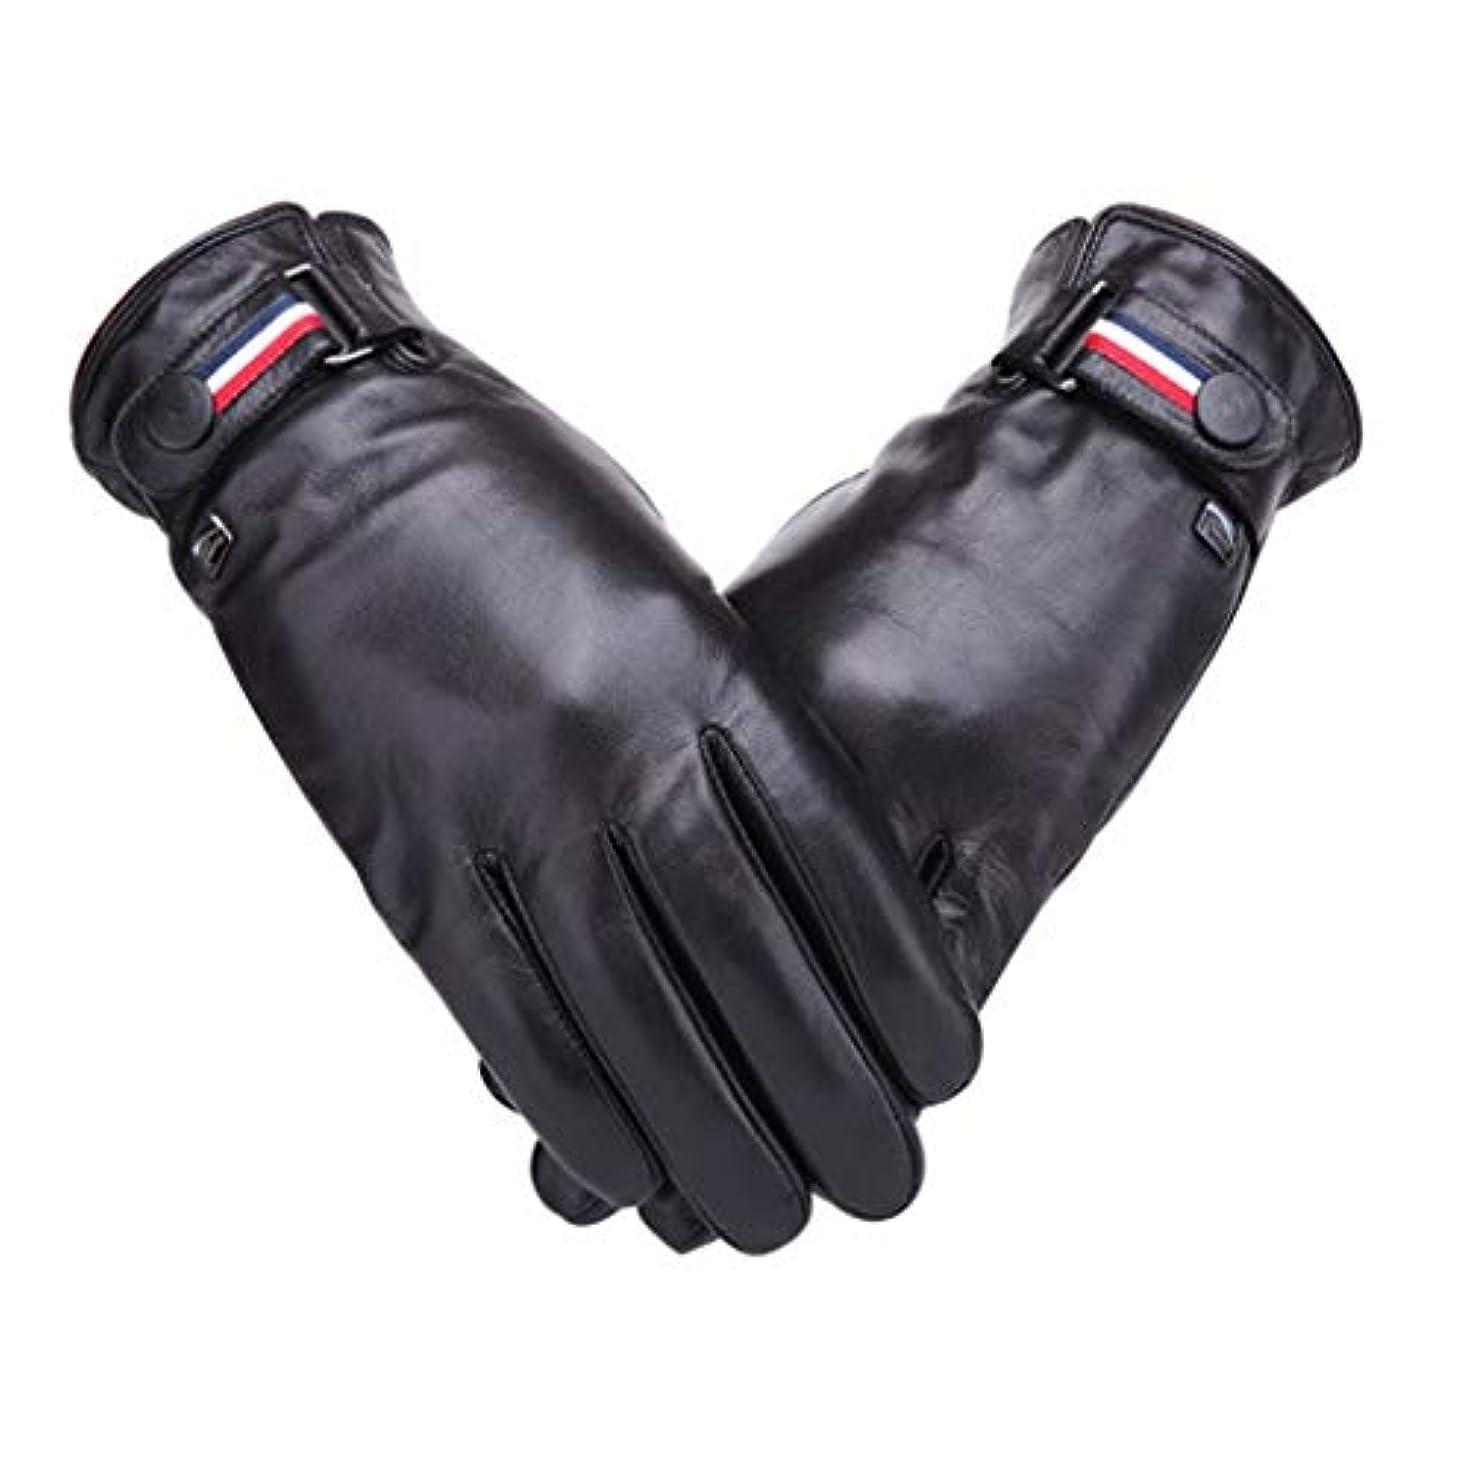 だますボーナスラリーベルモント羊皮の手袋の男性秋と冬のサイクリングwindproof暖かいプラスベルベットの肥厚の男性の手袋